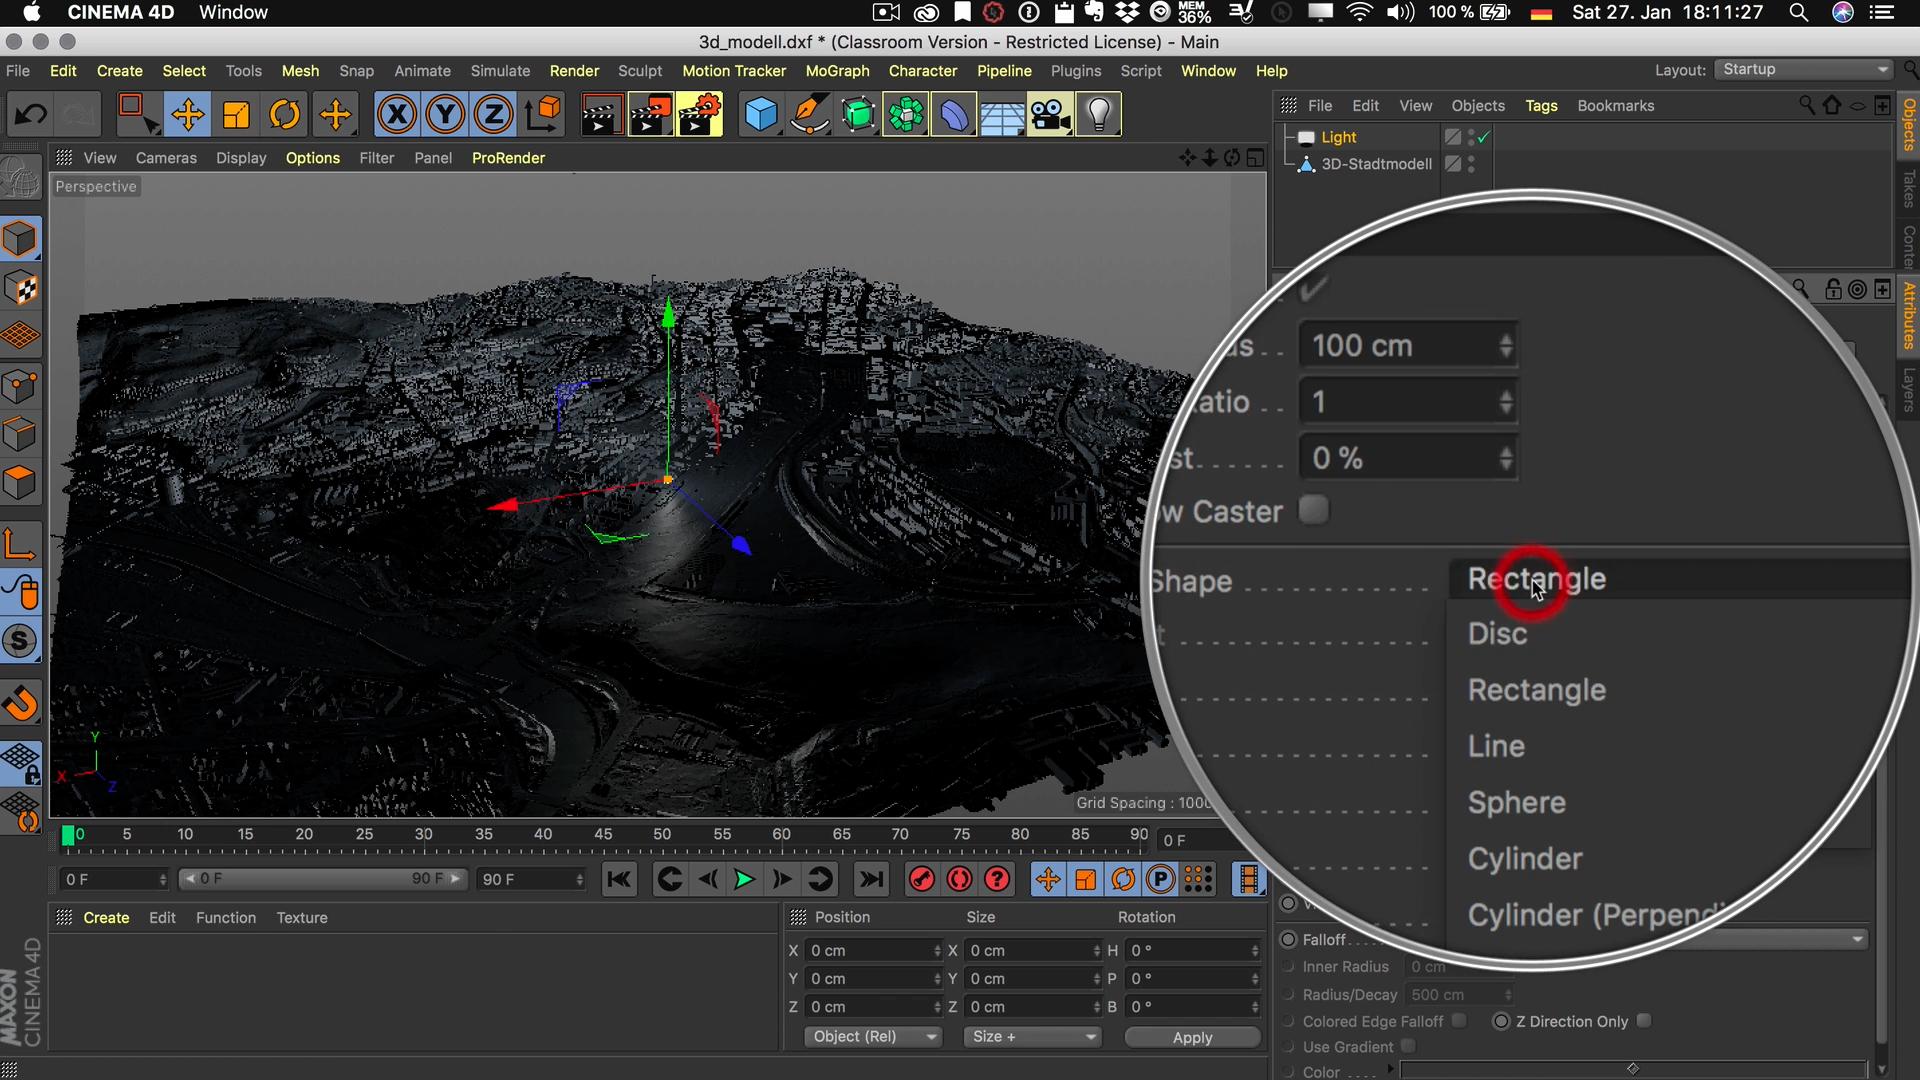 Cinema4D 3D-Stadtmodell Lichtquelle Details Flächenform Rechteck